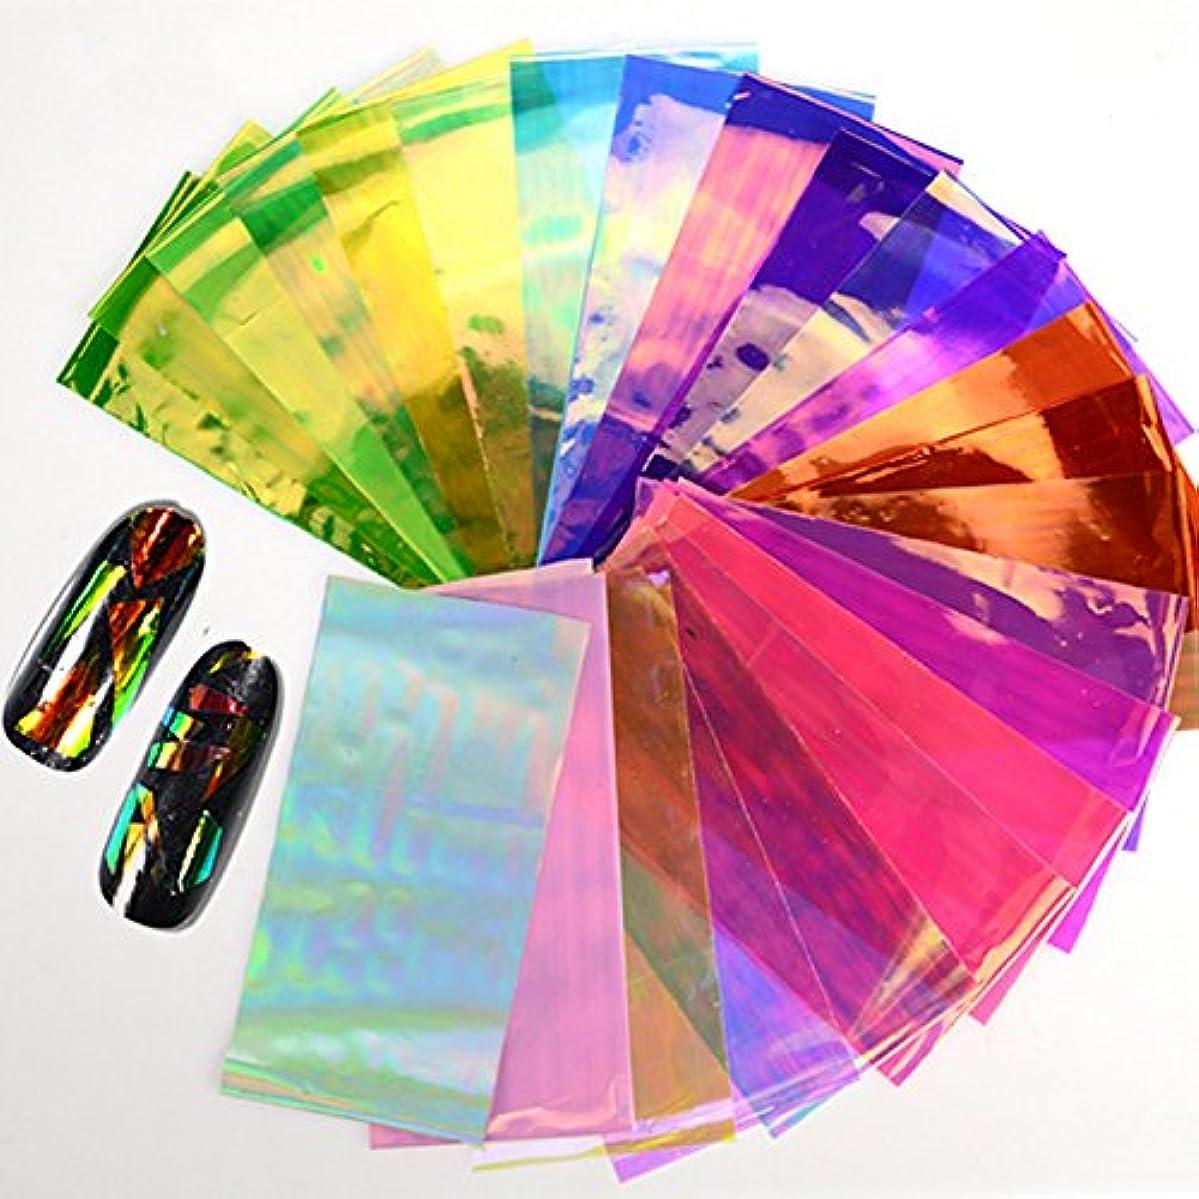 薄汚いフラスコつまらないGoshang ネイルステッカー オーロラネイルフィルム セロファン ネイルシール テープ ネイル 20枚セット